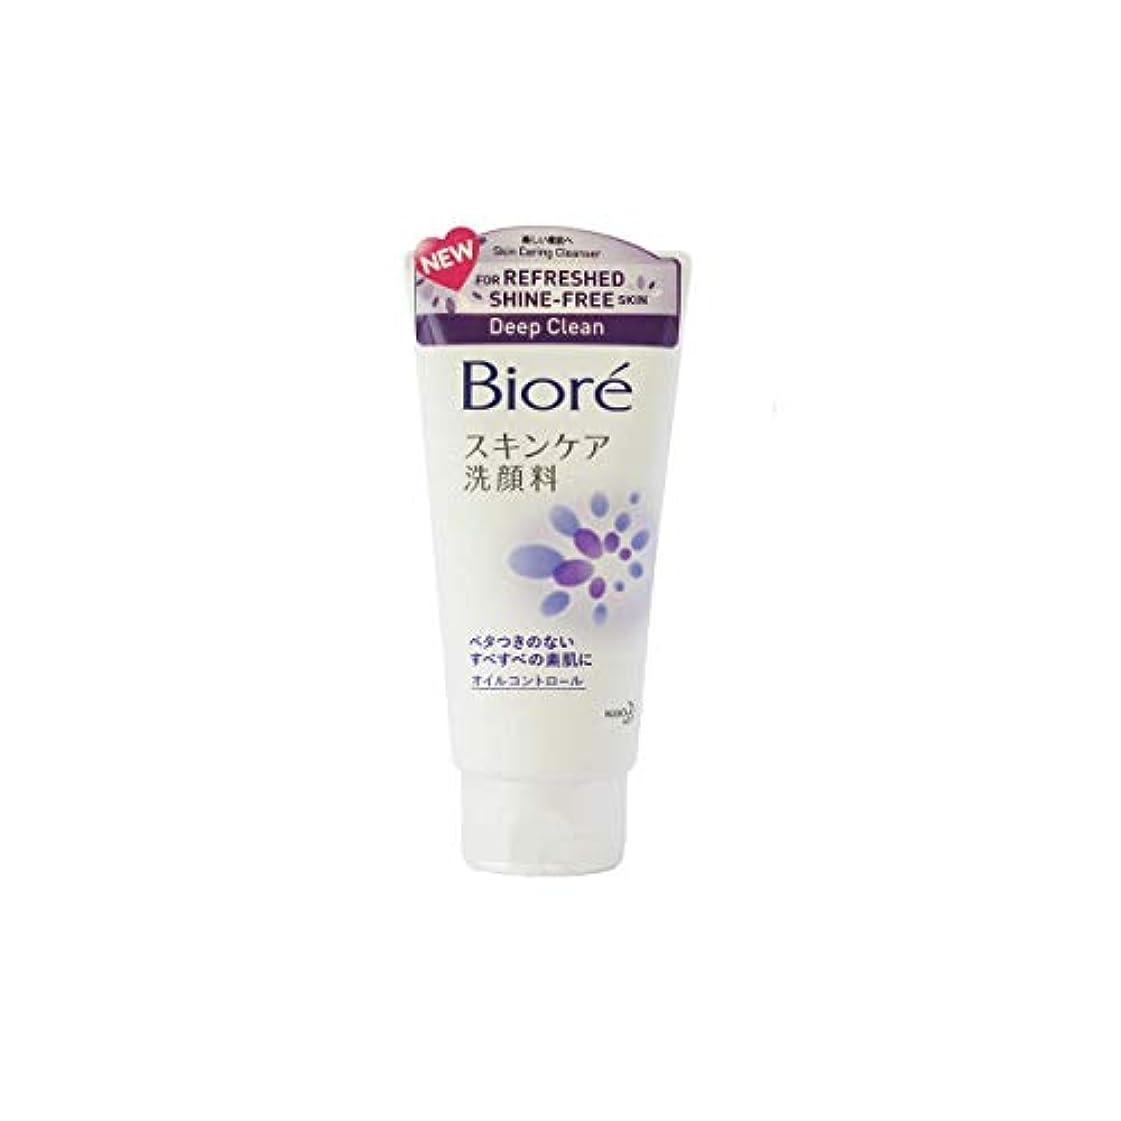 赤道耐える立ち寄るBIORE UV ビオレ皮膚洗浄剤オイルコントロール親密な130グラム